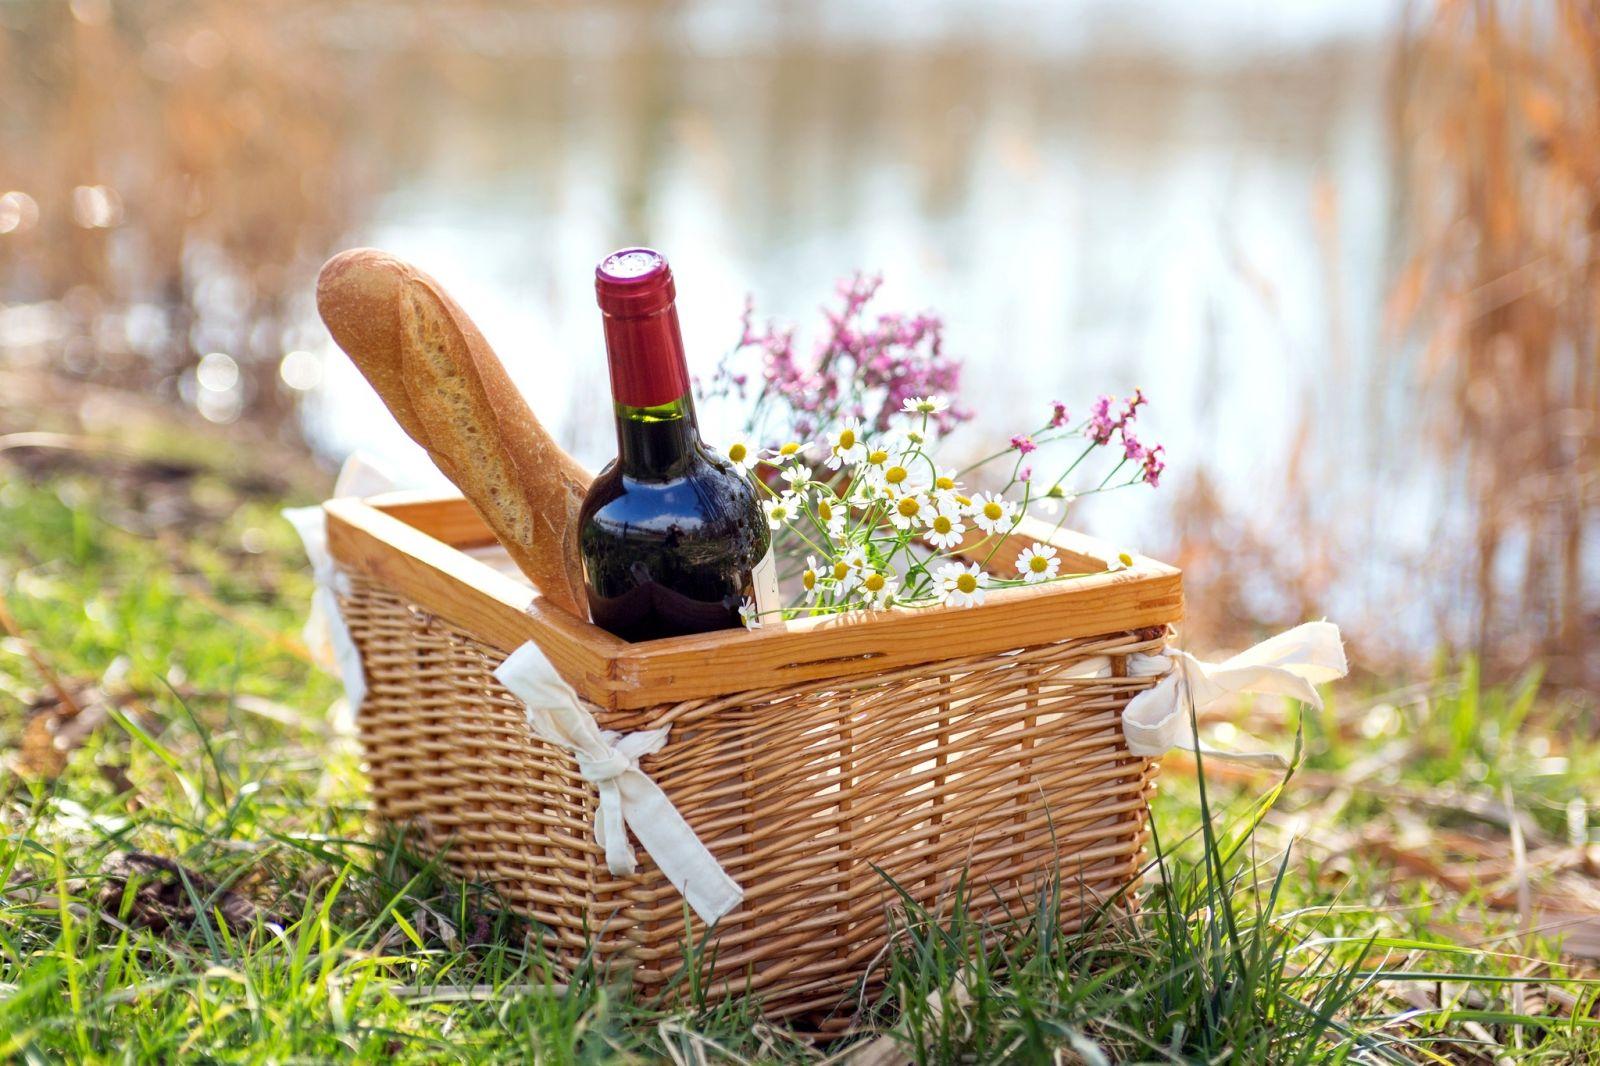 Что нужно взять на пикник: список полезных мелочей на природе - фото №4